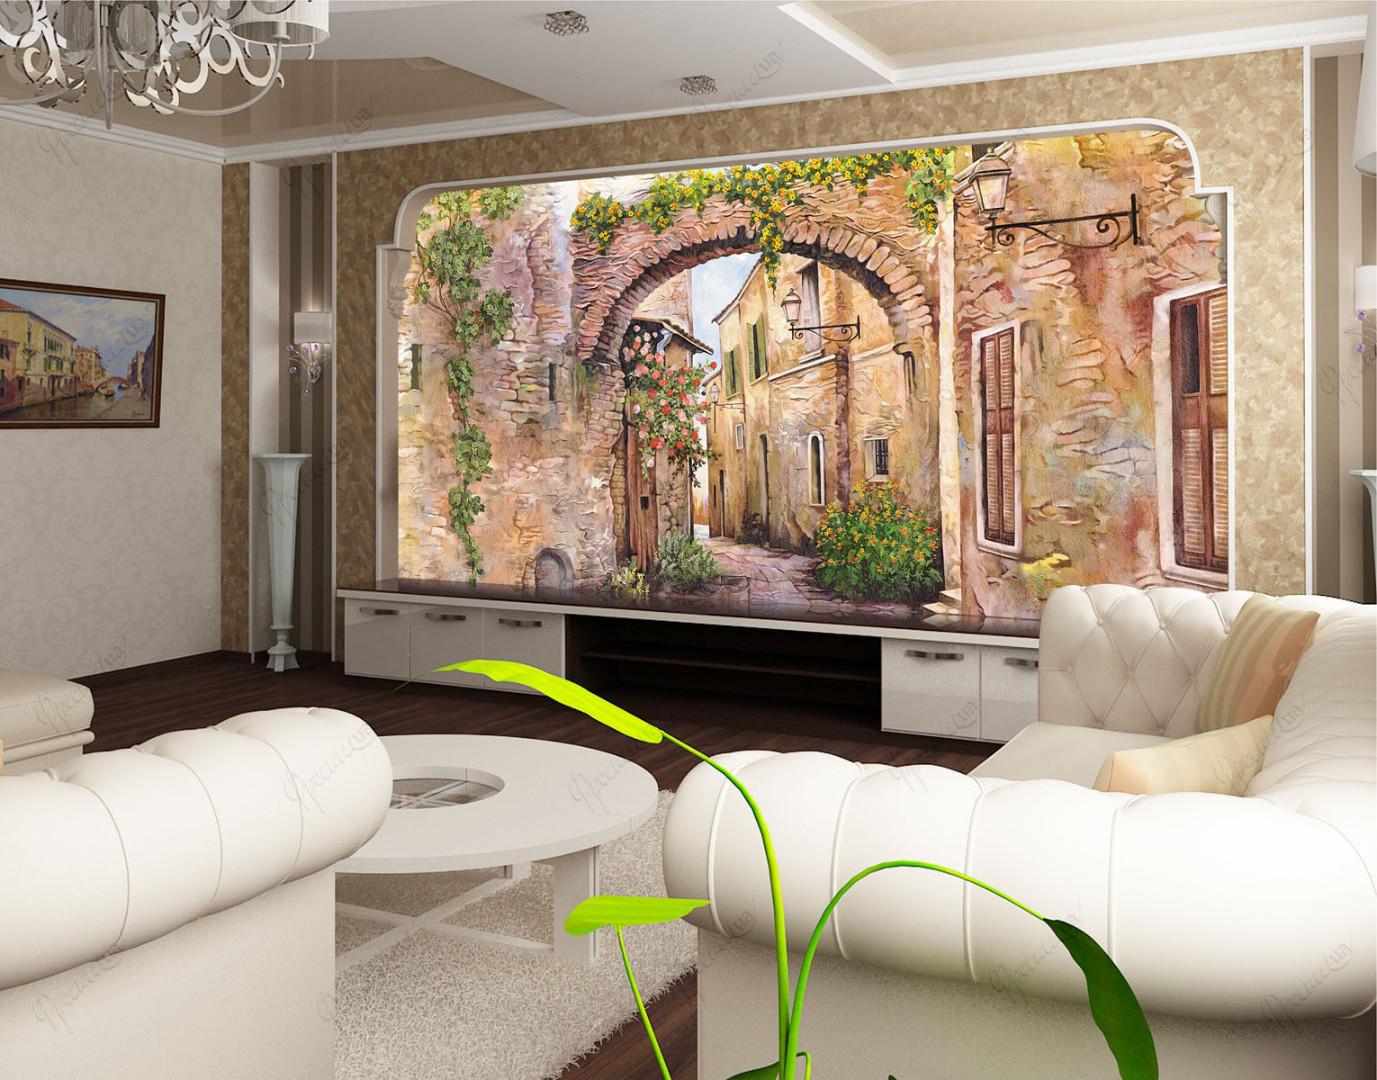 картинки интерьеров с фресками предлагаю